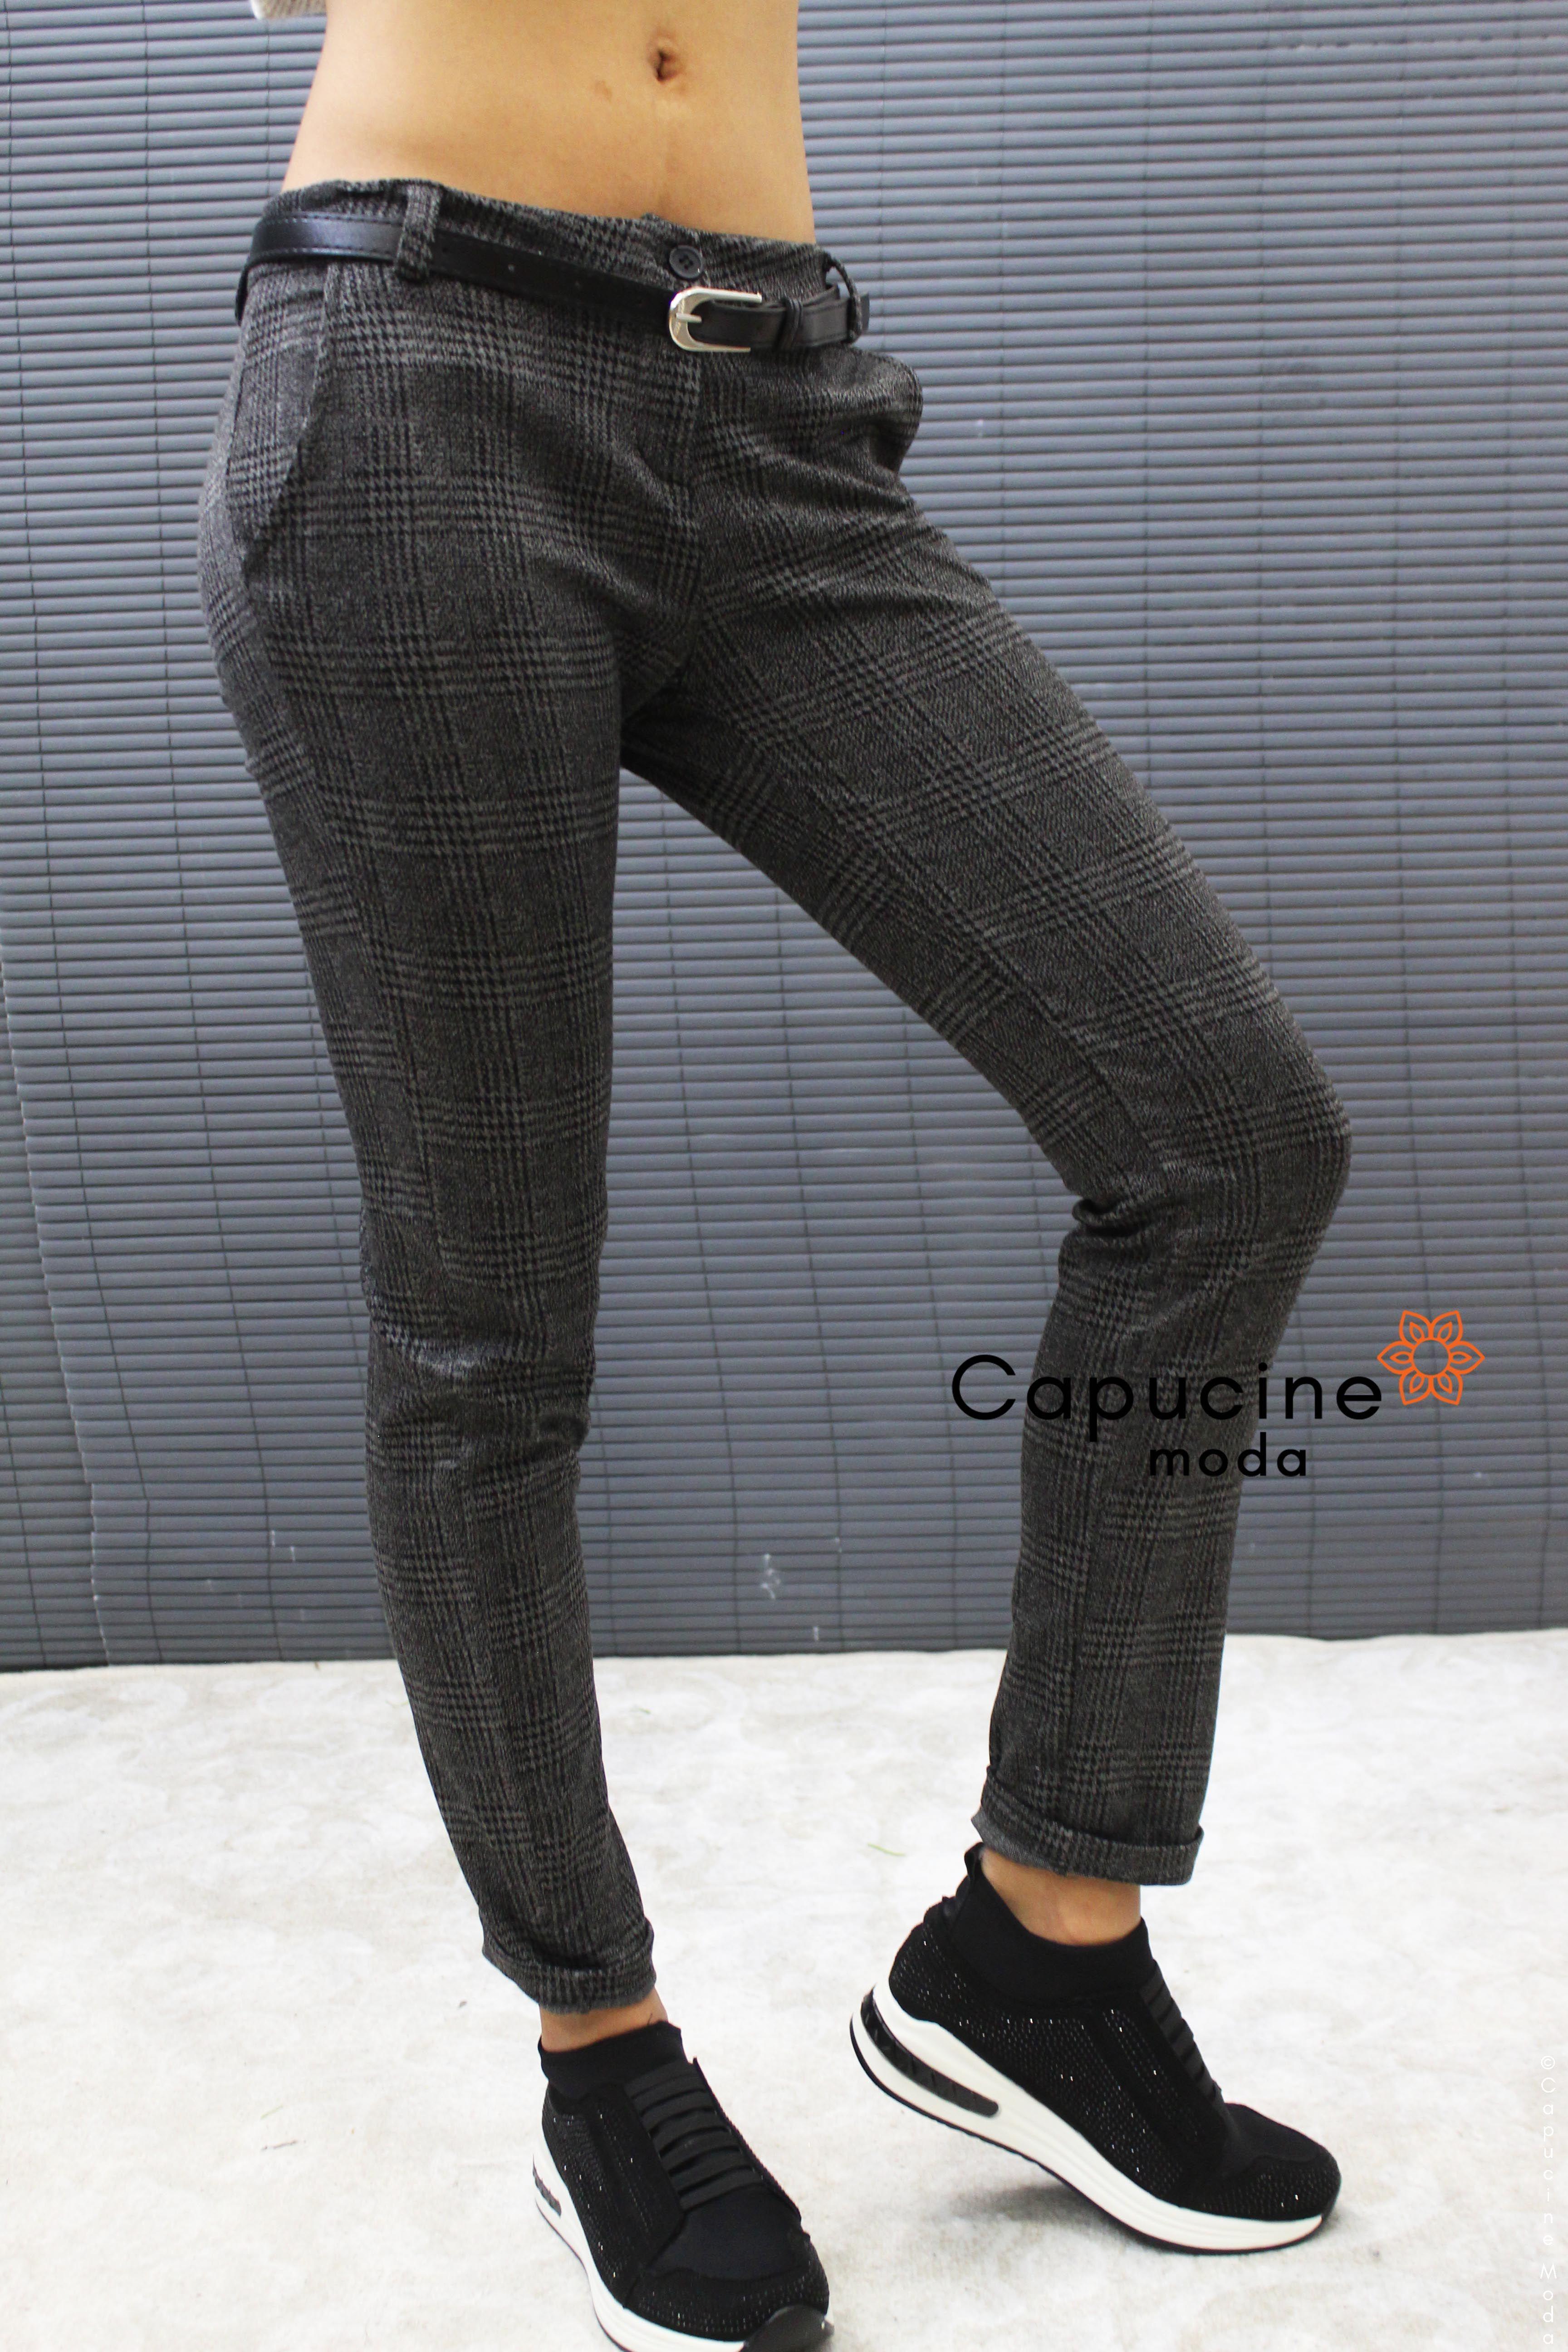 Pantalon Prince De Galles Femme - Ceinture, 2 Poches + 2 Fausses Poches  Arrière   b839a92d940